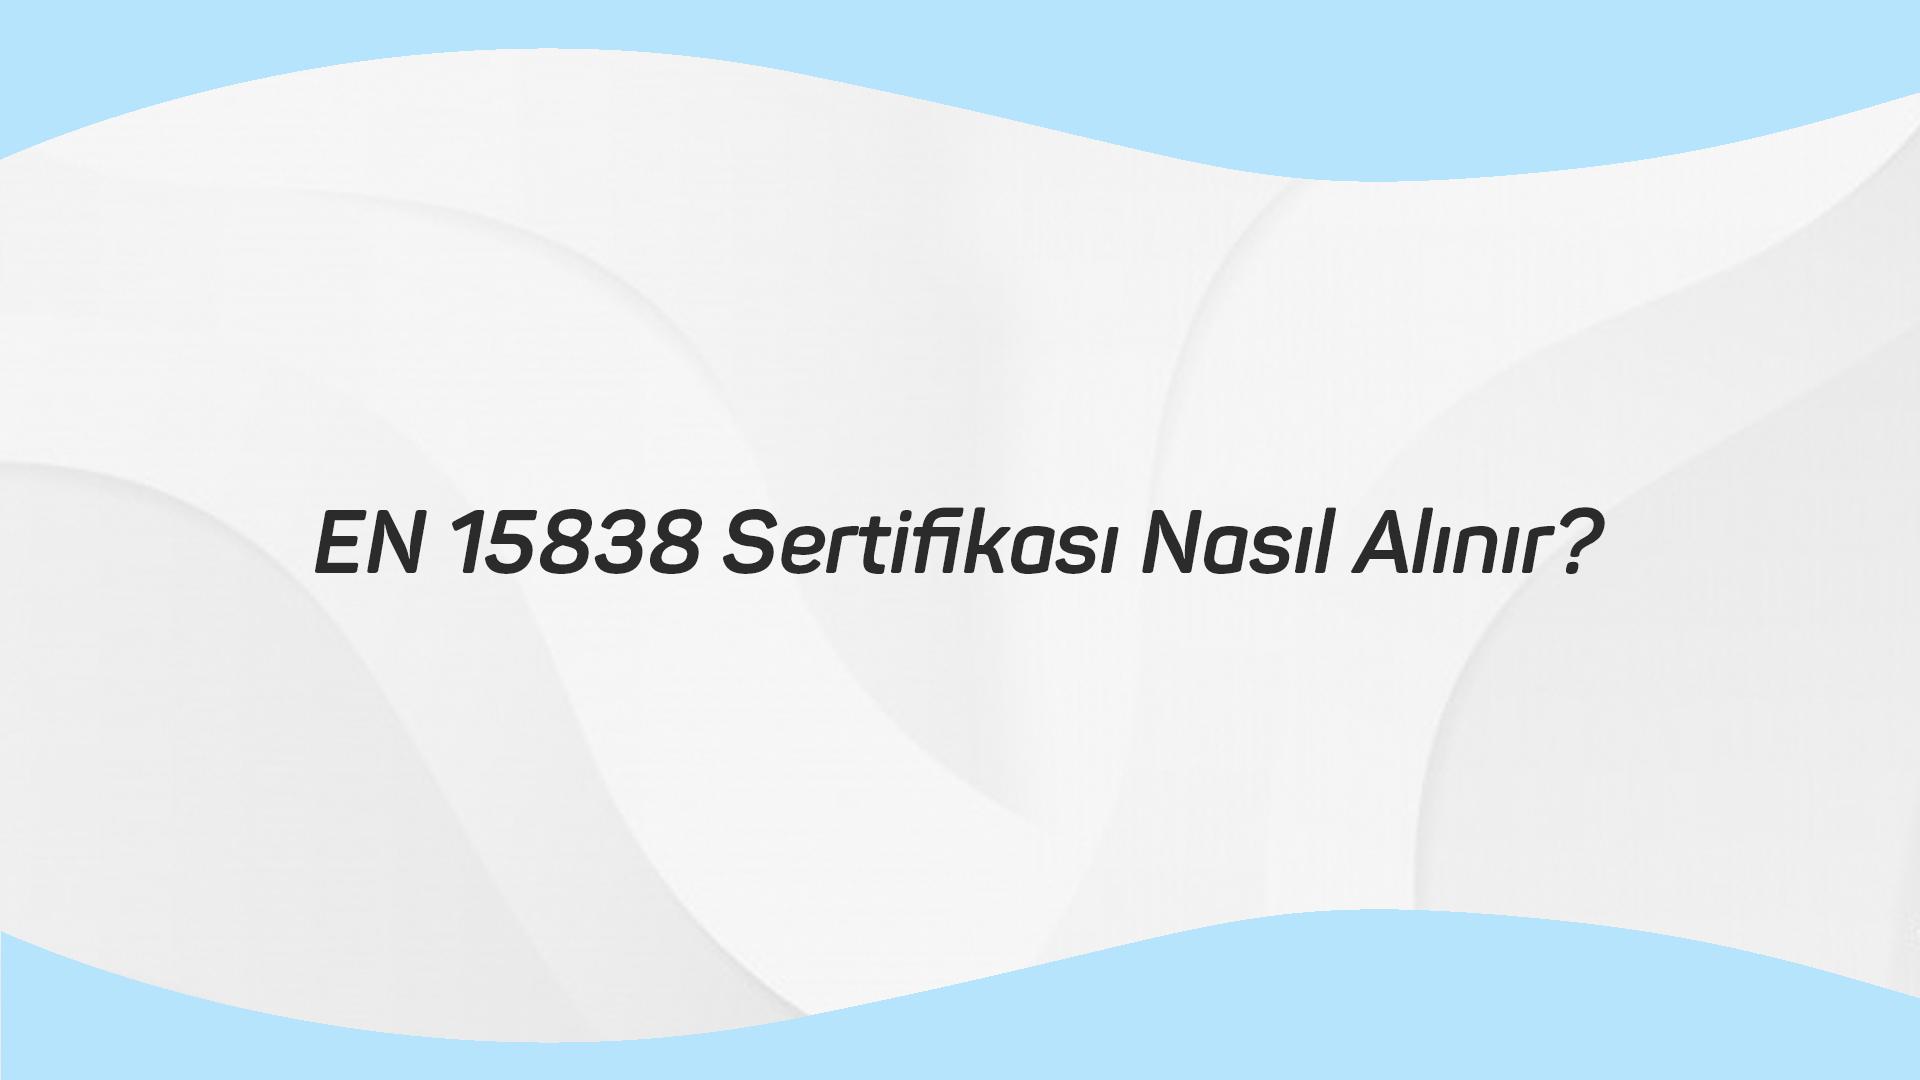 EN 15838 SERTİFİKASI NASIL ALINIR